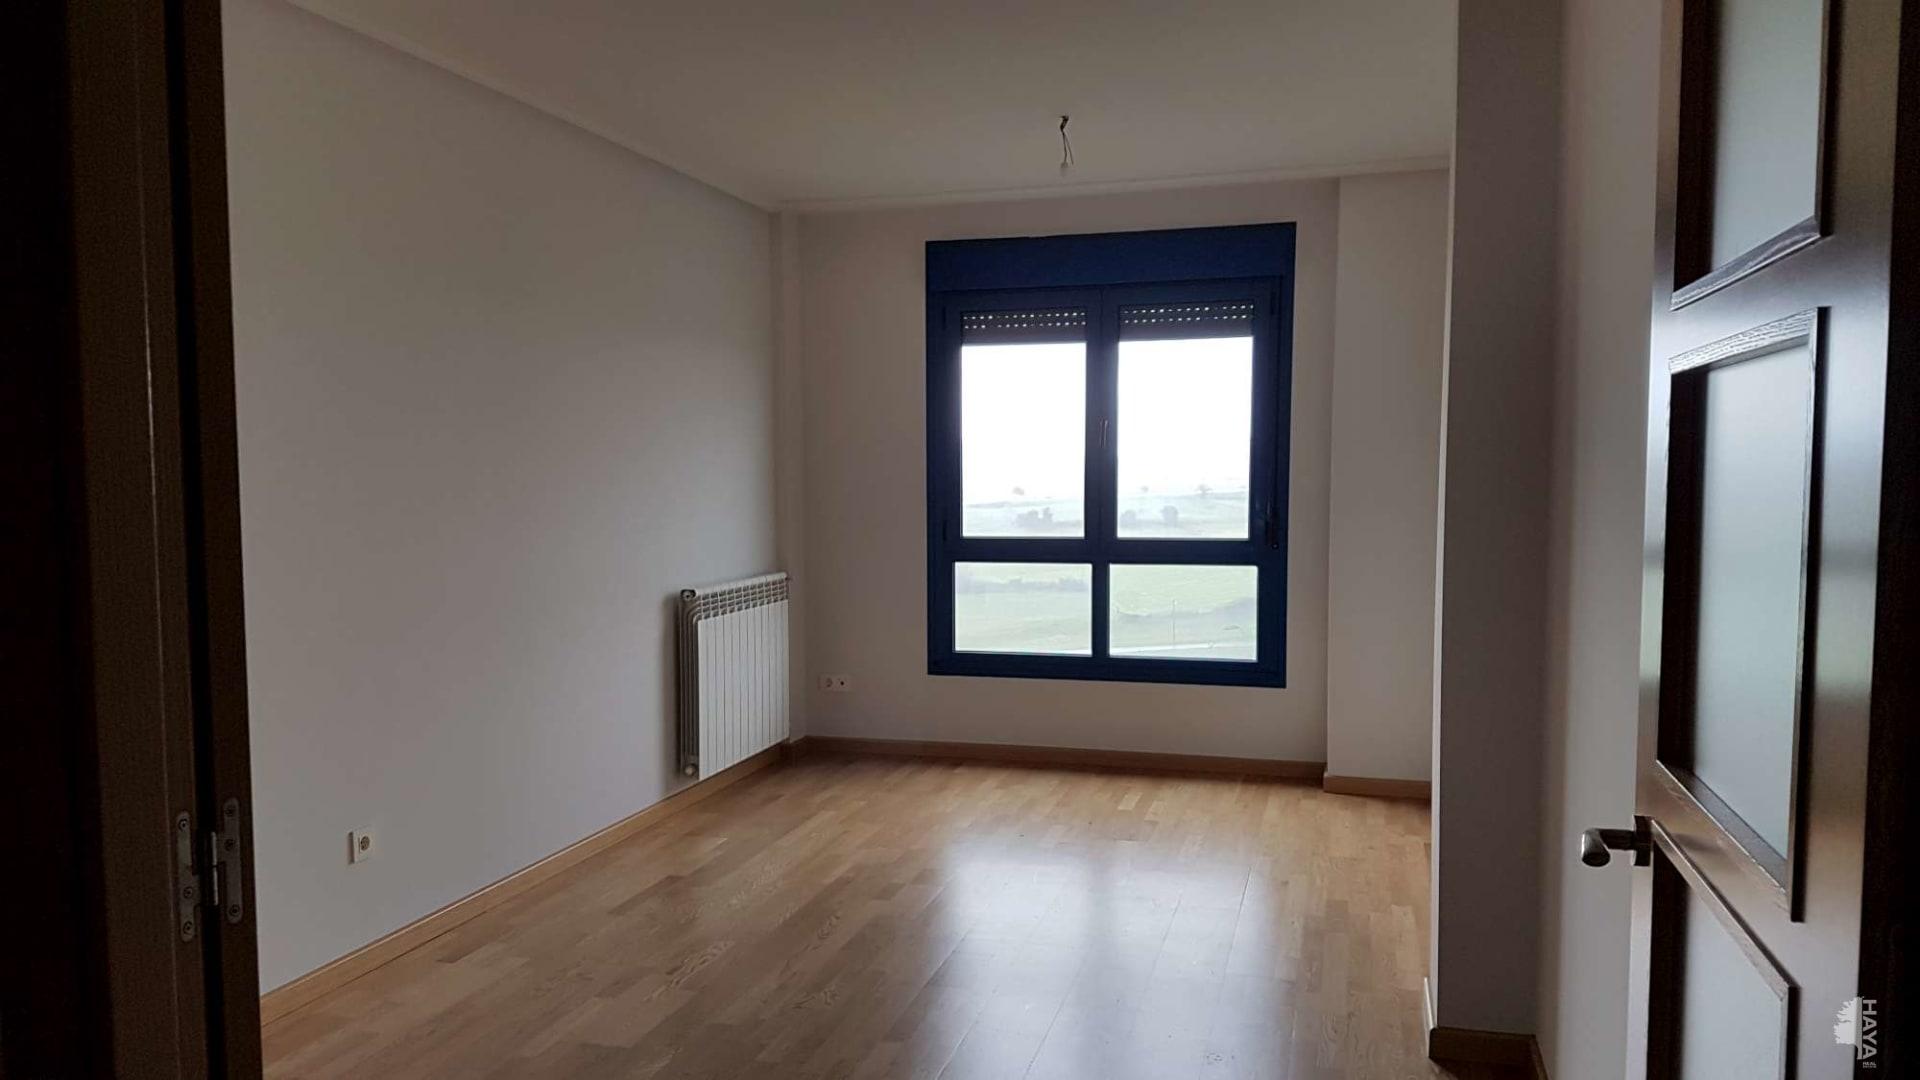 Piso en venta en Favila, Corvera de Asturias, Asturias, Pasaje del Manzano, 101.500 €, 3 habitaciones, 1 baño, 82 m2